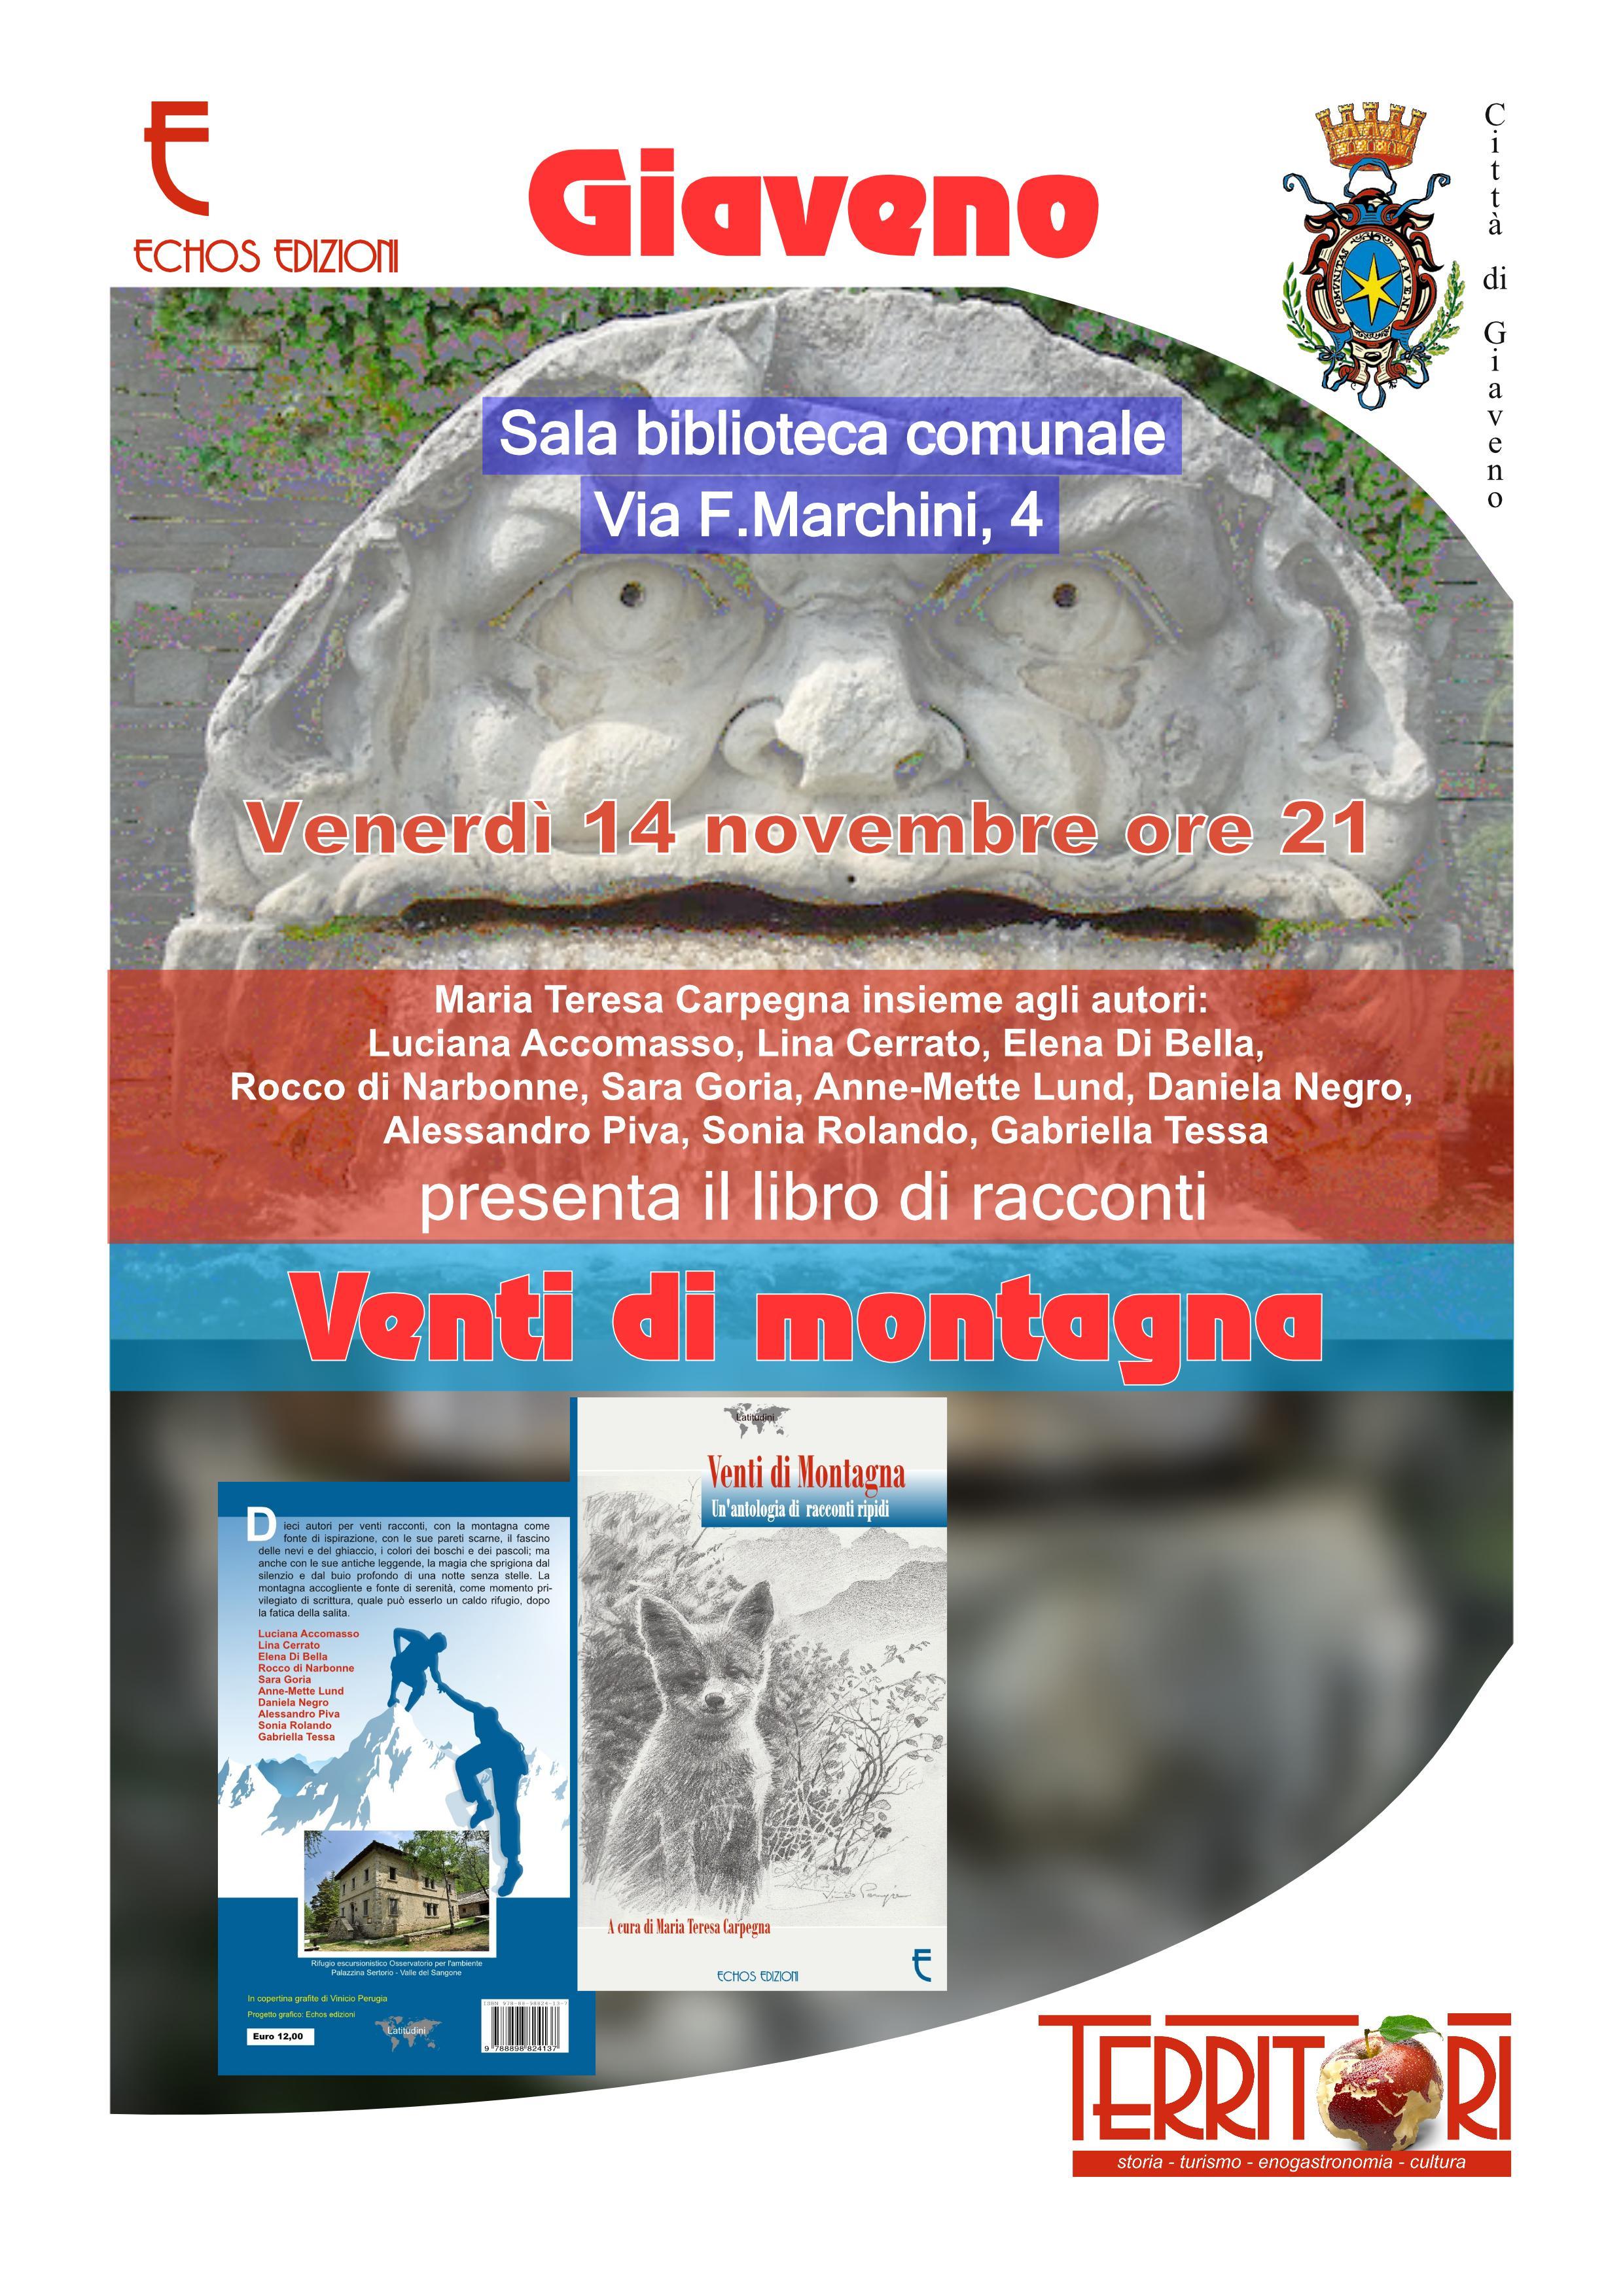 Venti di Montagna – presentazione venerdì 14 novembre 2014 ore 21